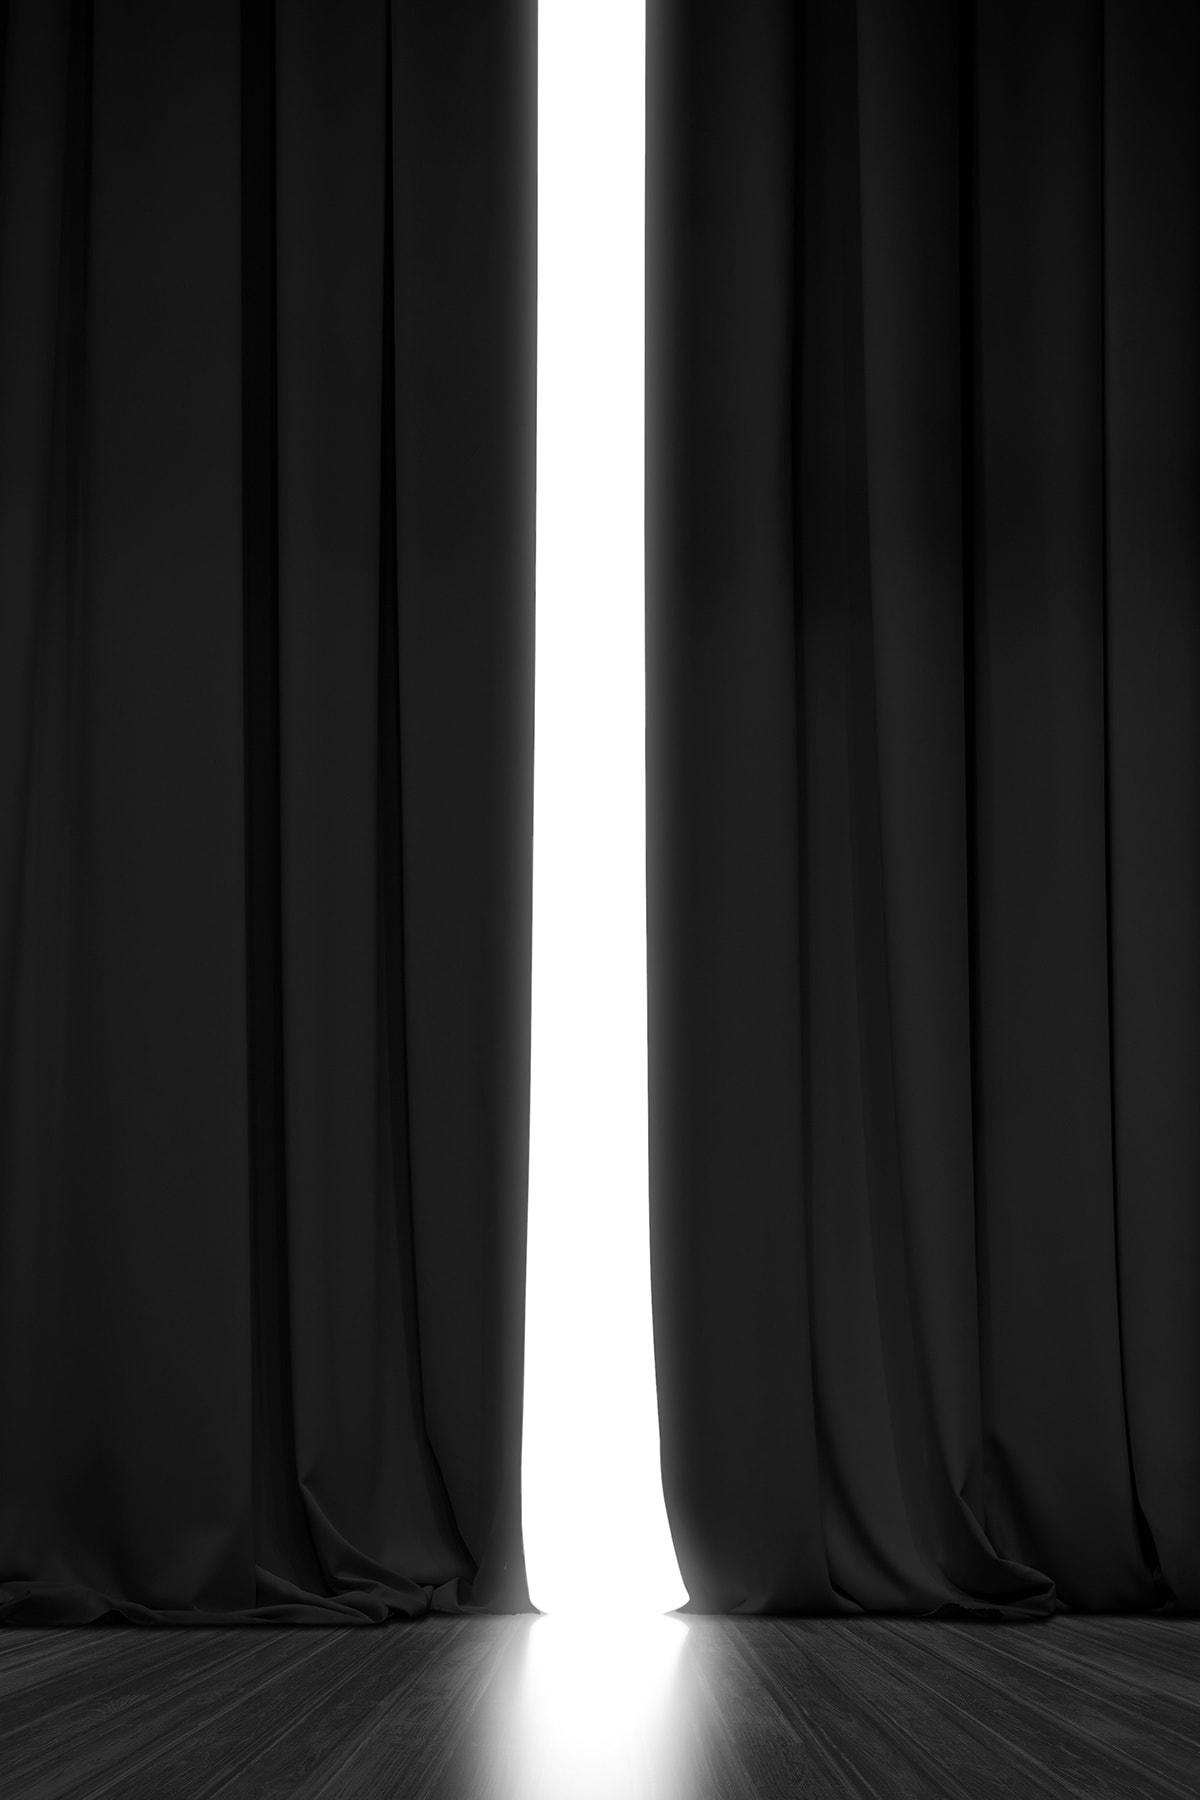 Asper Blackout Işık Geçirmez Fon Perde V-11 Siyah Pilesiz Ekstraforlu Karartma Güneşlik 1